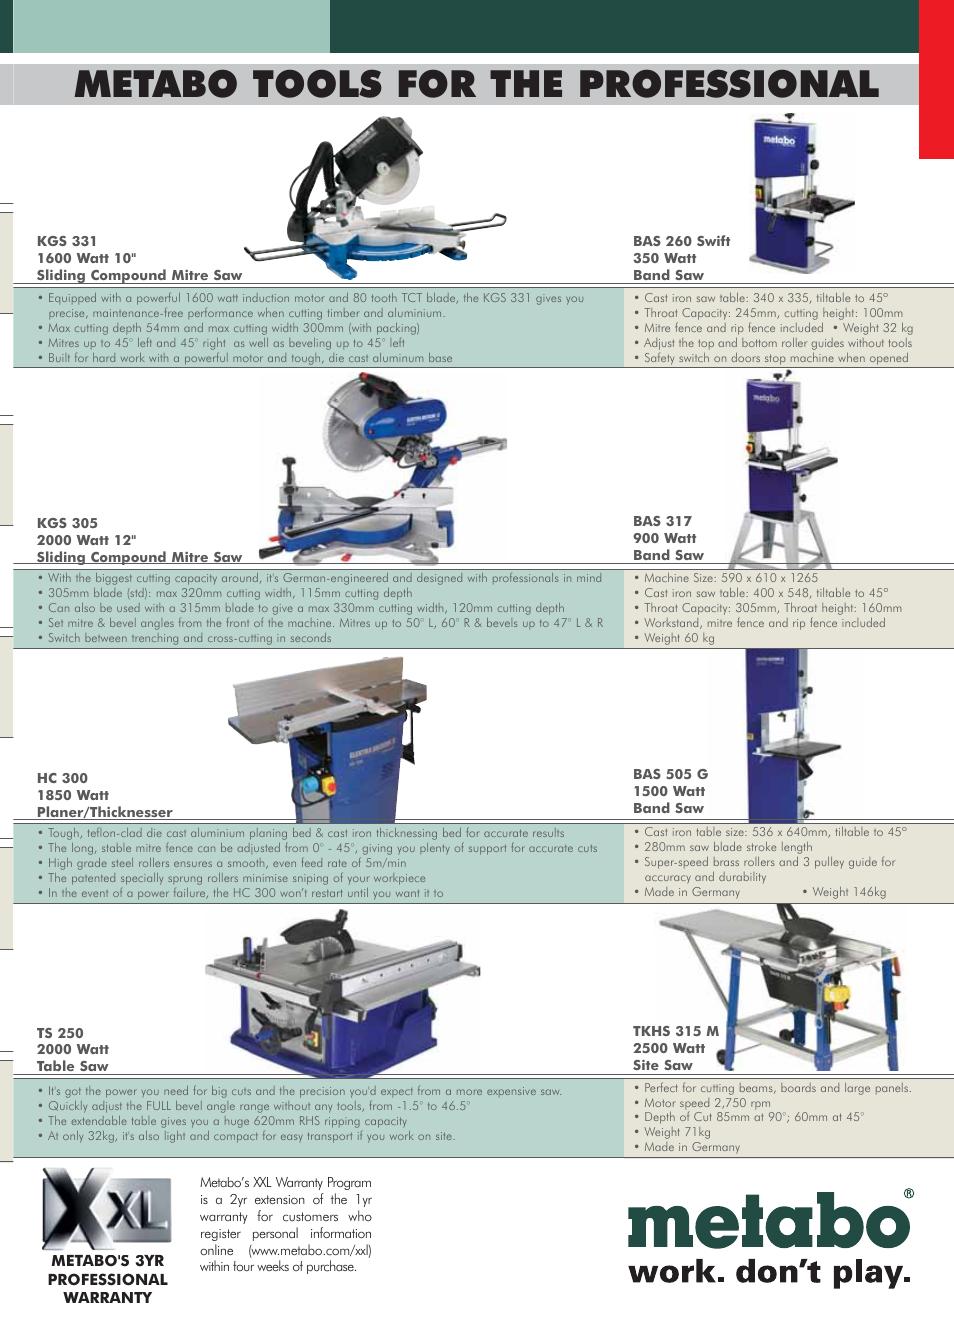 metabo tools for the professional hitachi ds14dvf3 user manual rh manualsdir com Hitachi Repair Manual AT&T LG A340 Manual